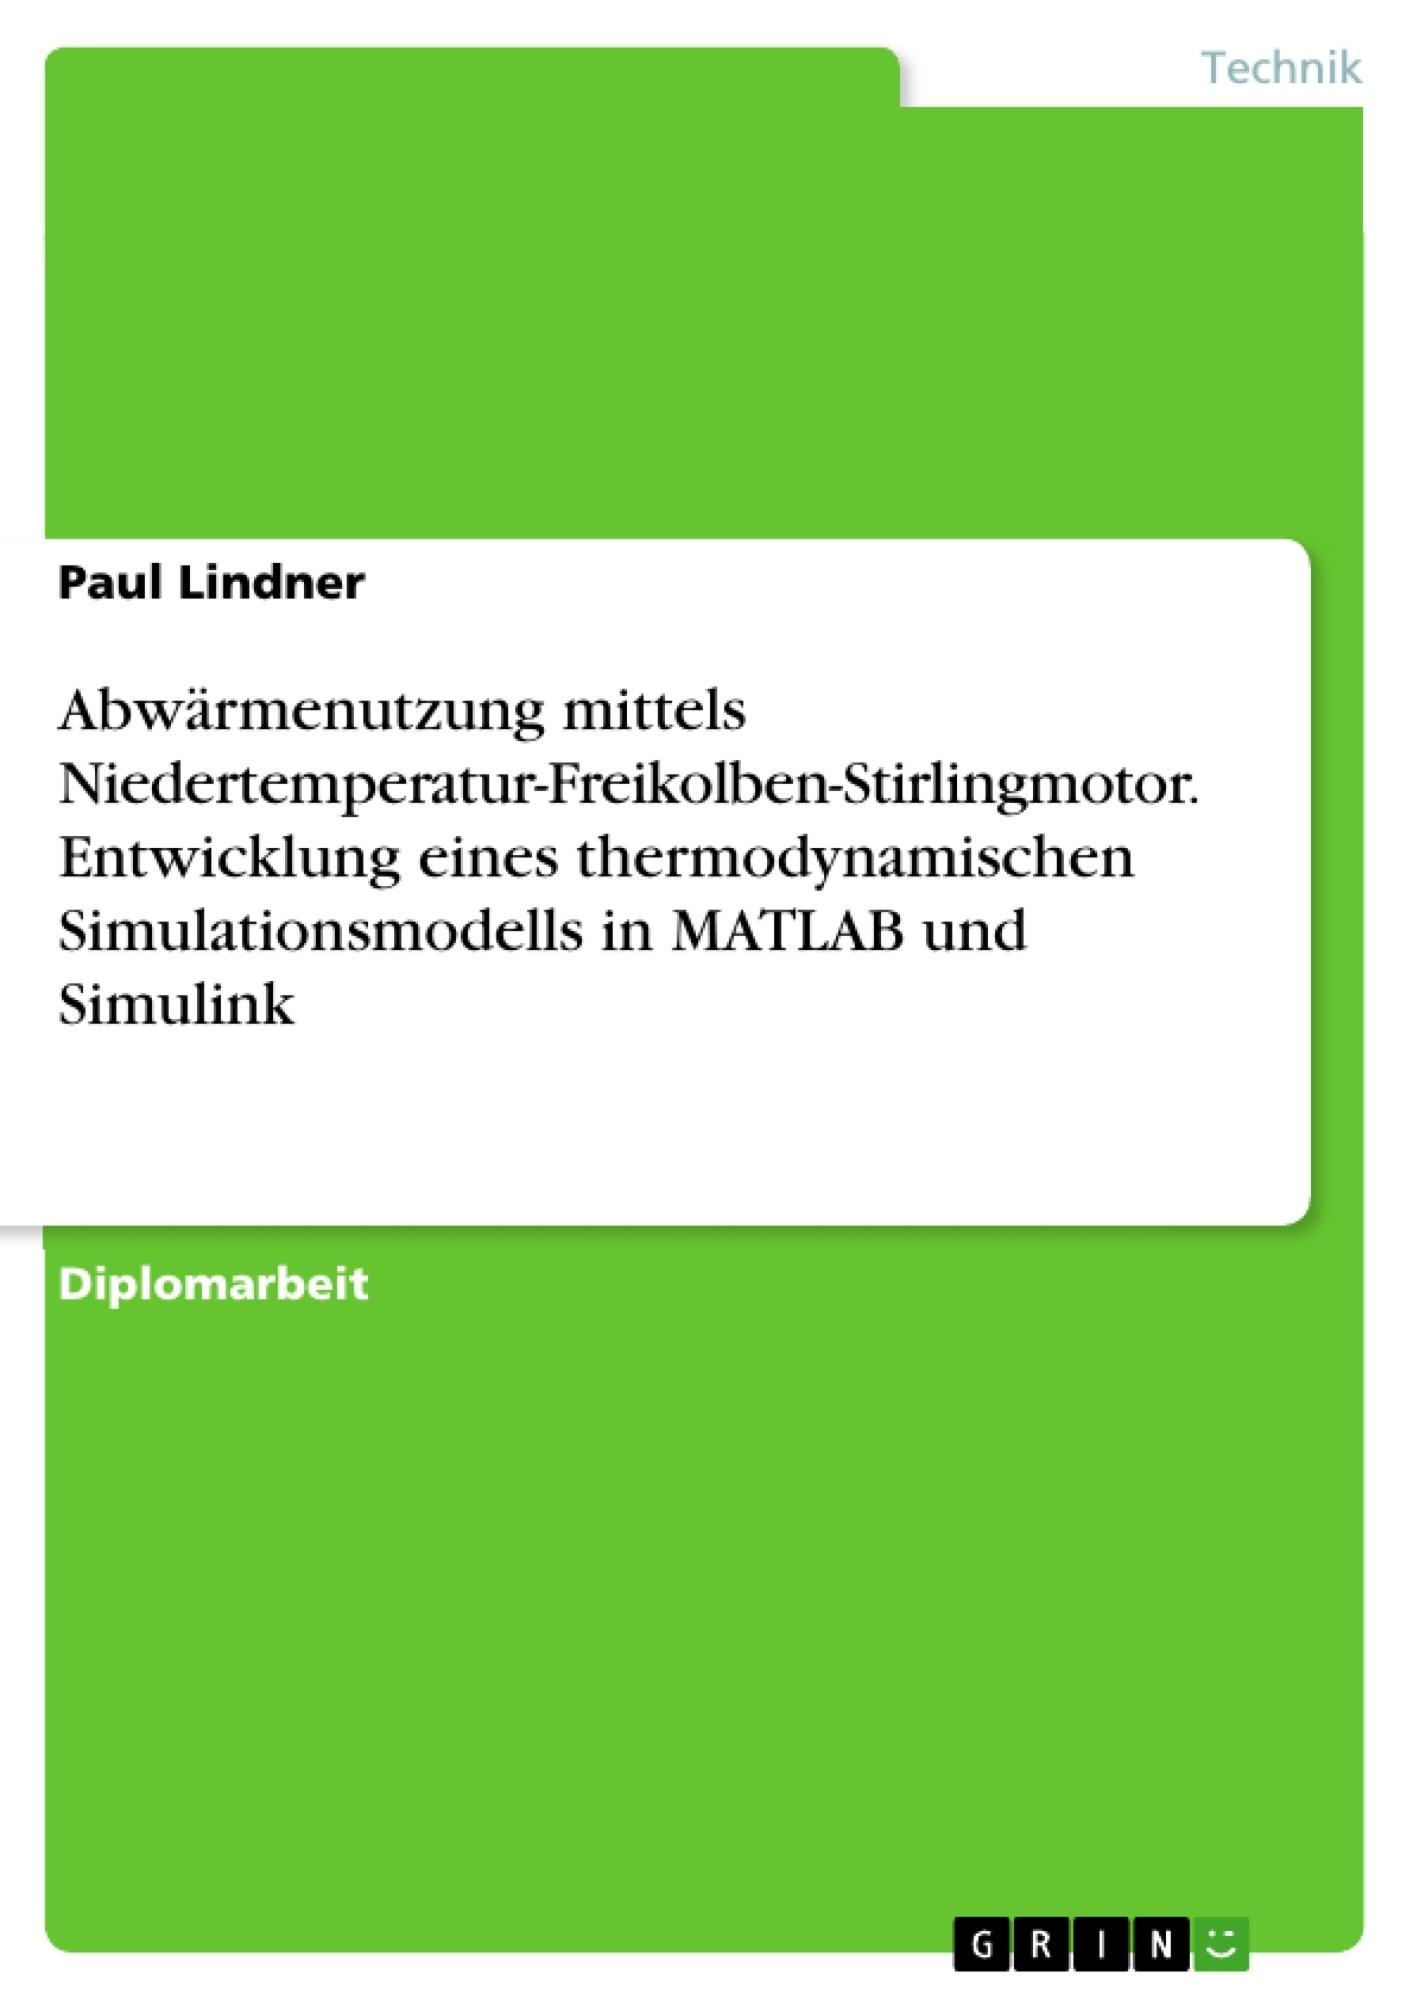 Titel: Abwärmenutzung mittels Niedertemperatur-Freikolben-Stirlingmotor. Entwicklung eines thermodynamischen Simulationsmodells in MATLAB und Simulink